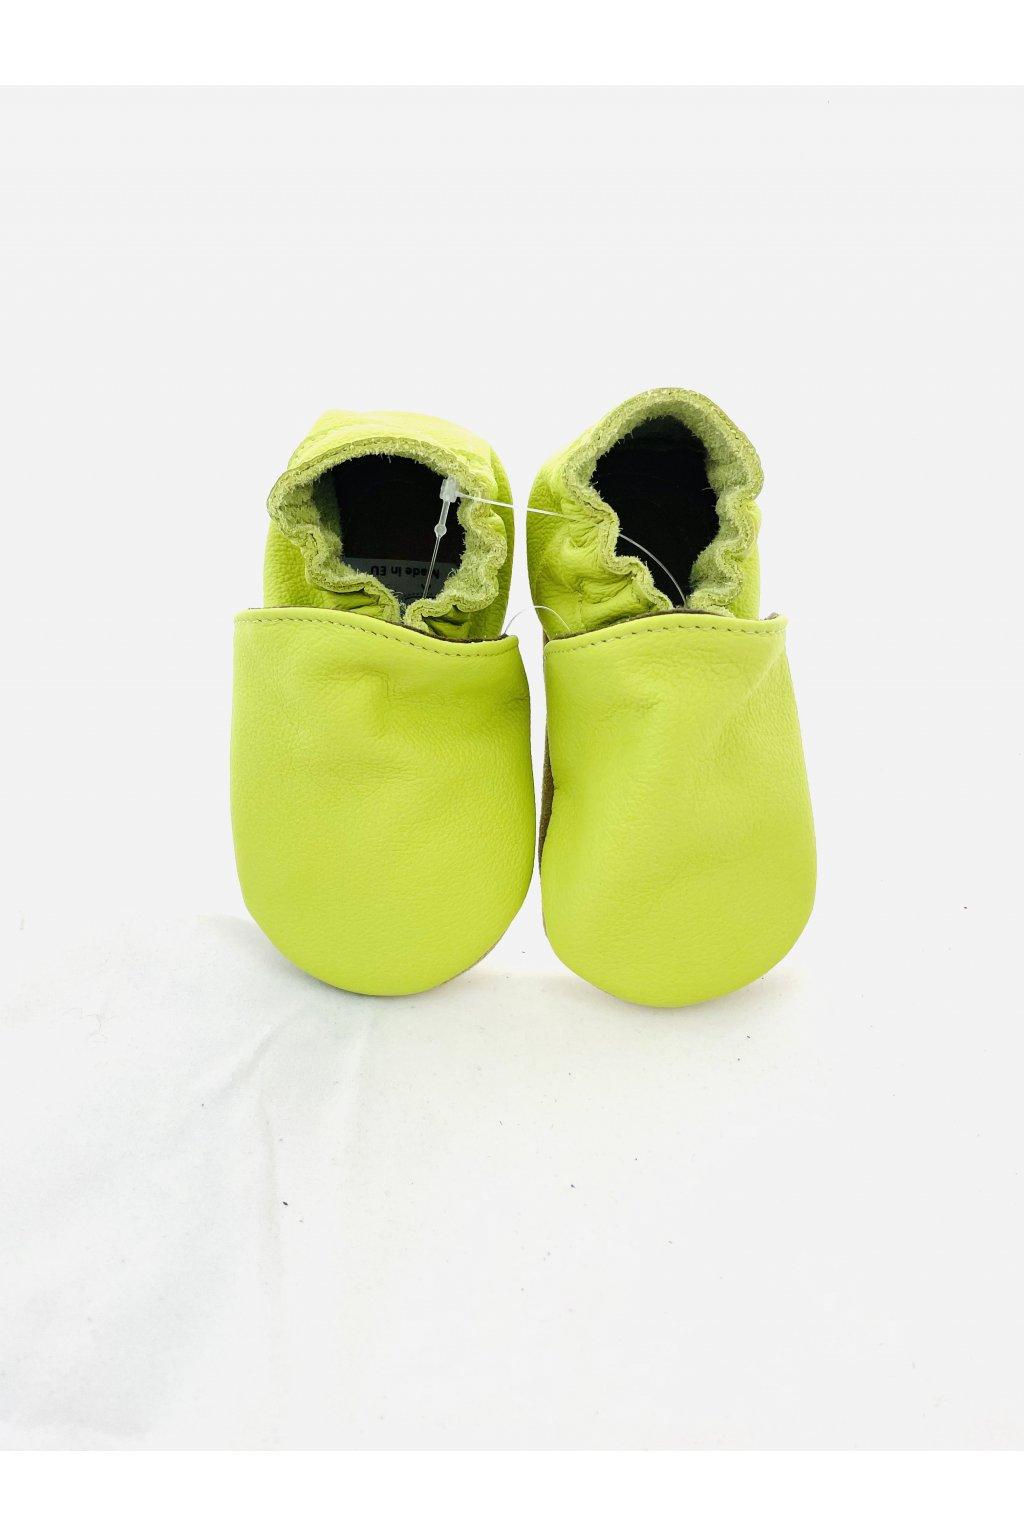 Capačky baBice - Green GUMENÁ PODRÁŽKA